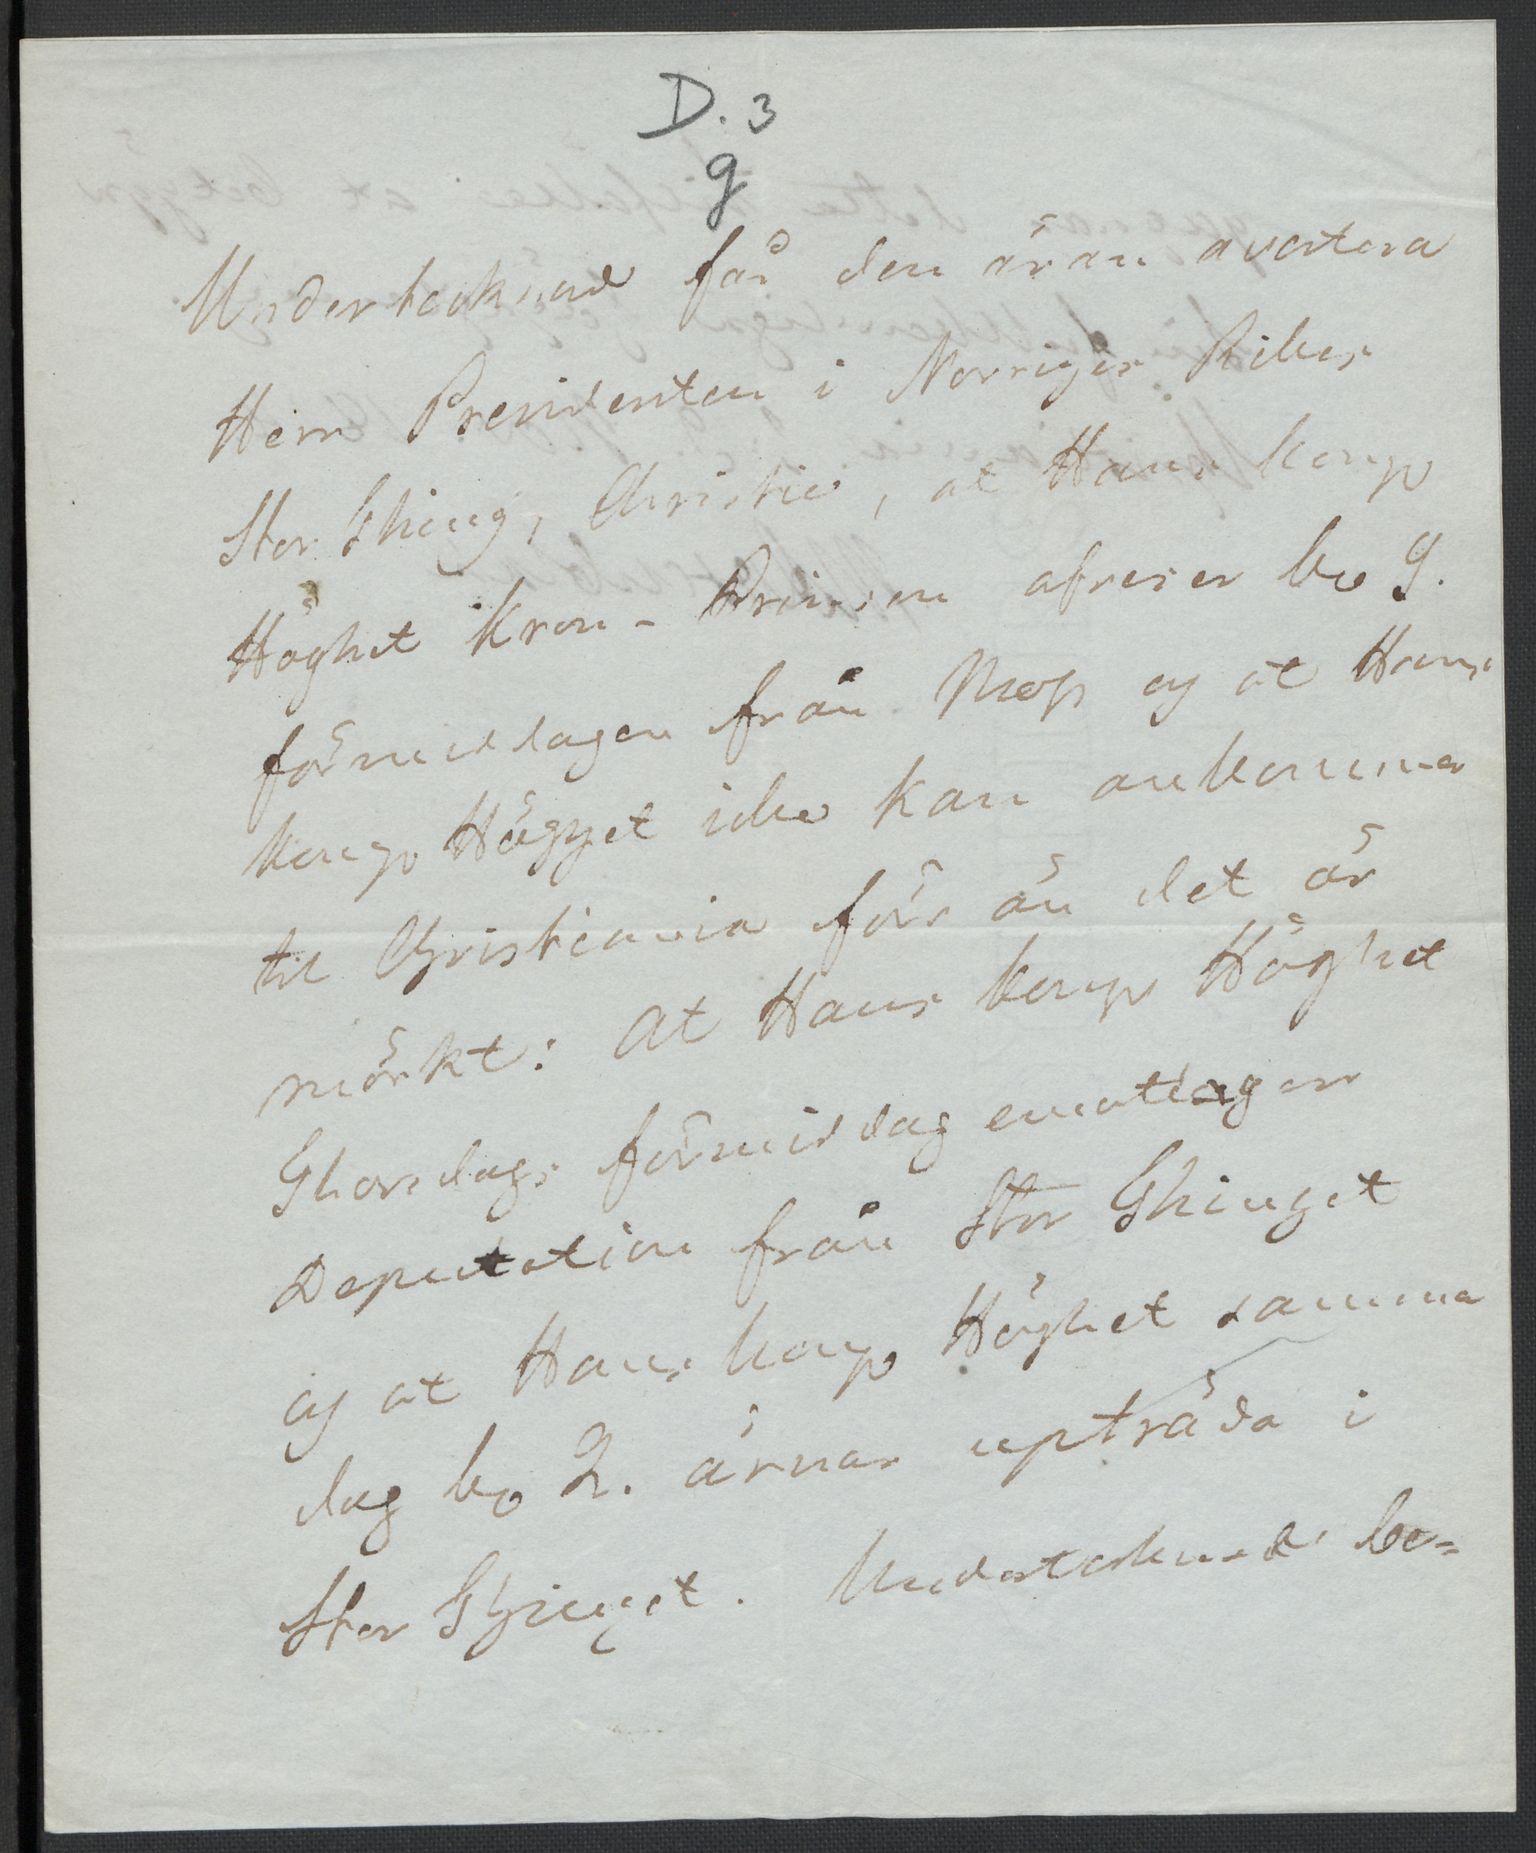 RA, Christie, Wilhelm Frimann Koren, F/L0004, 1814, s. 212